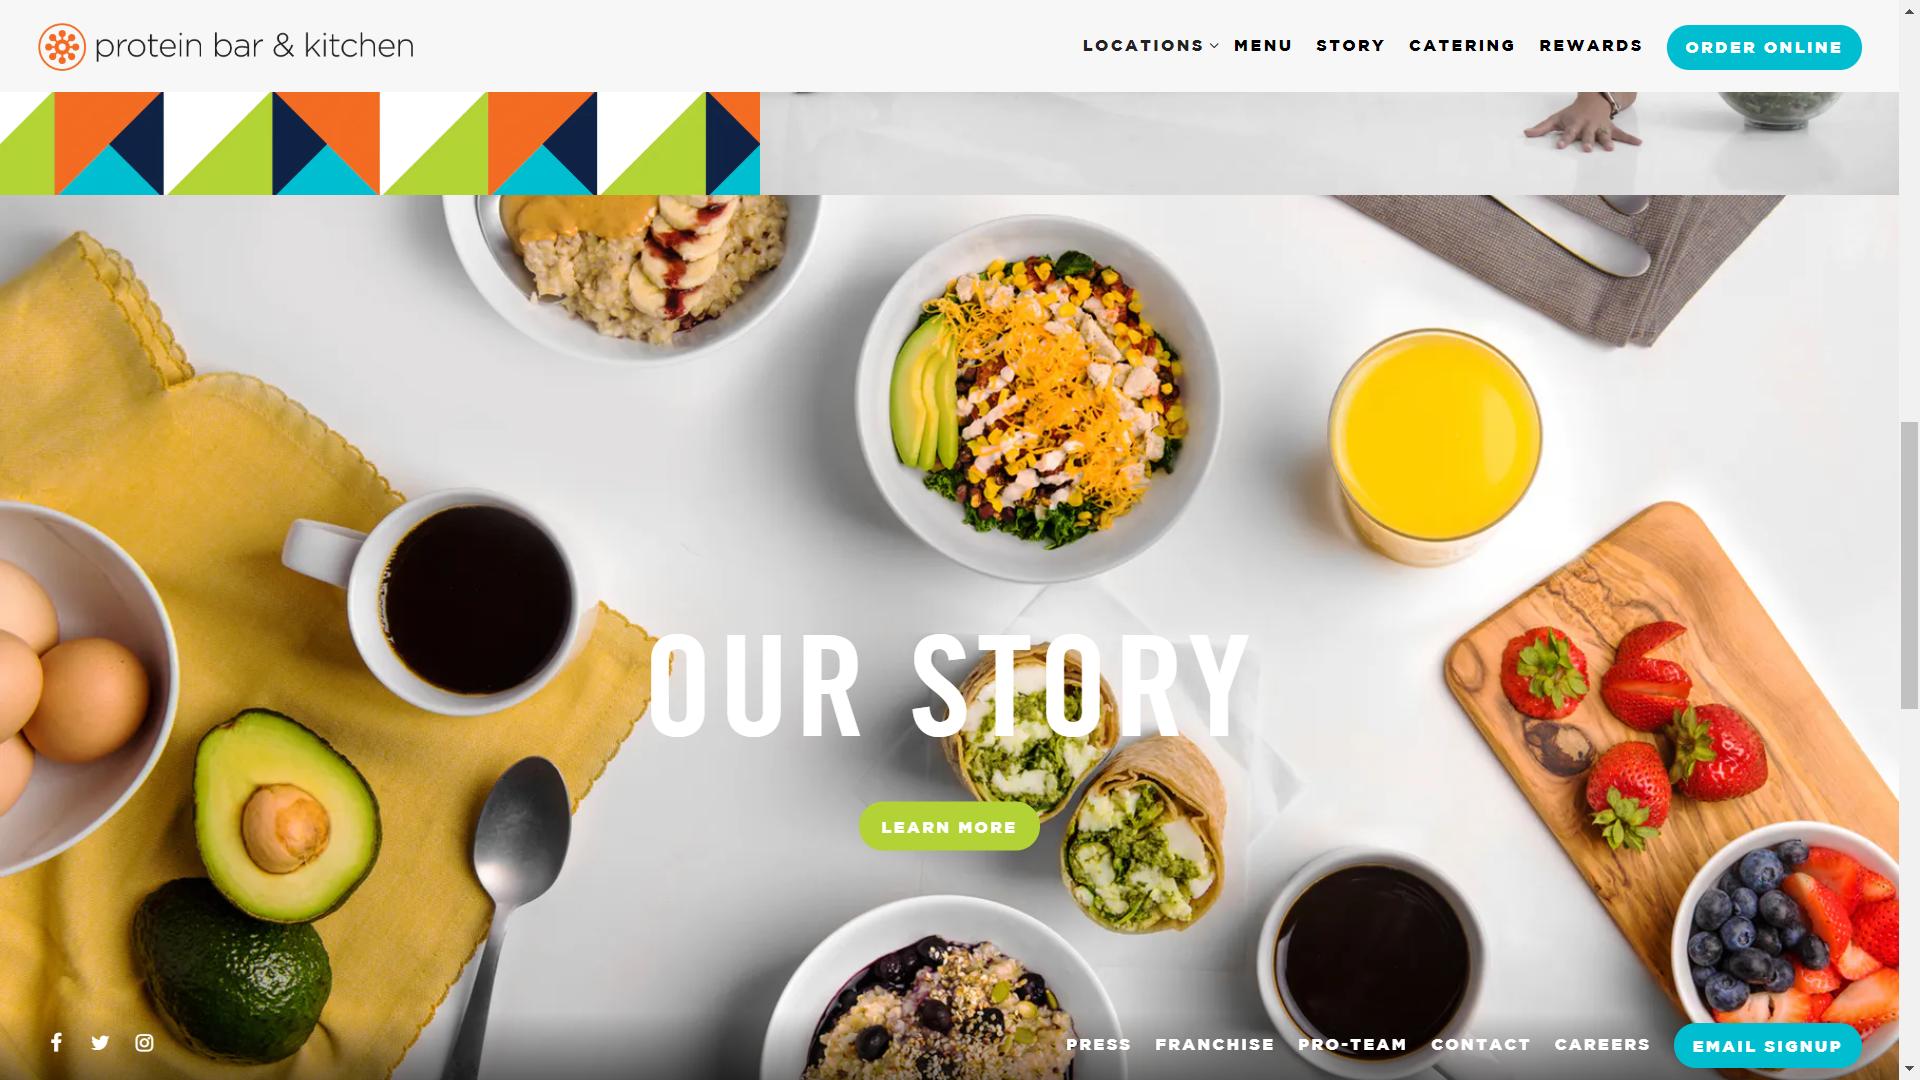 Protein Bar Restaurant Website Design Website Designs Inspiration Restaurant Website Design Simple Website Design Simple Website